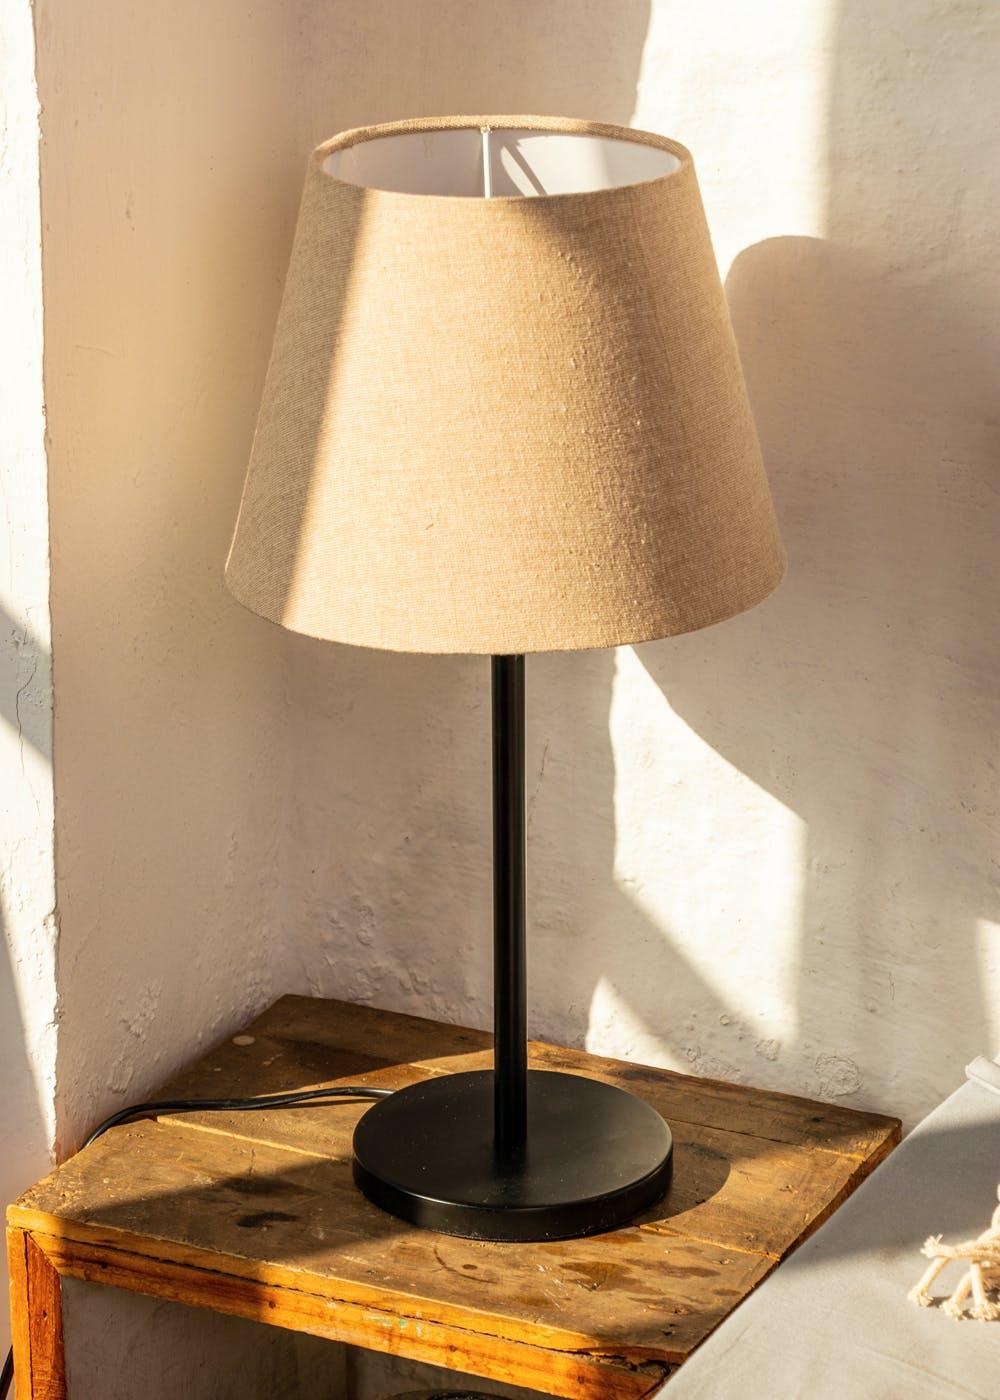 Decorative Metal Table Lamp